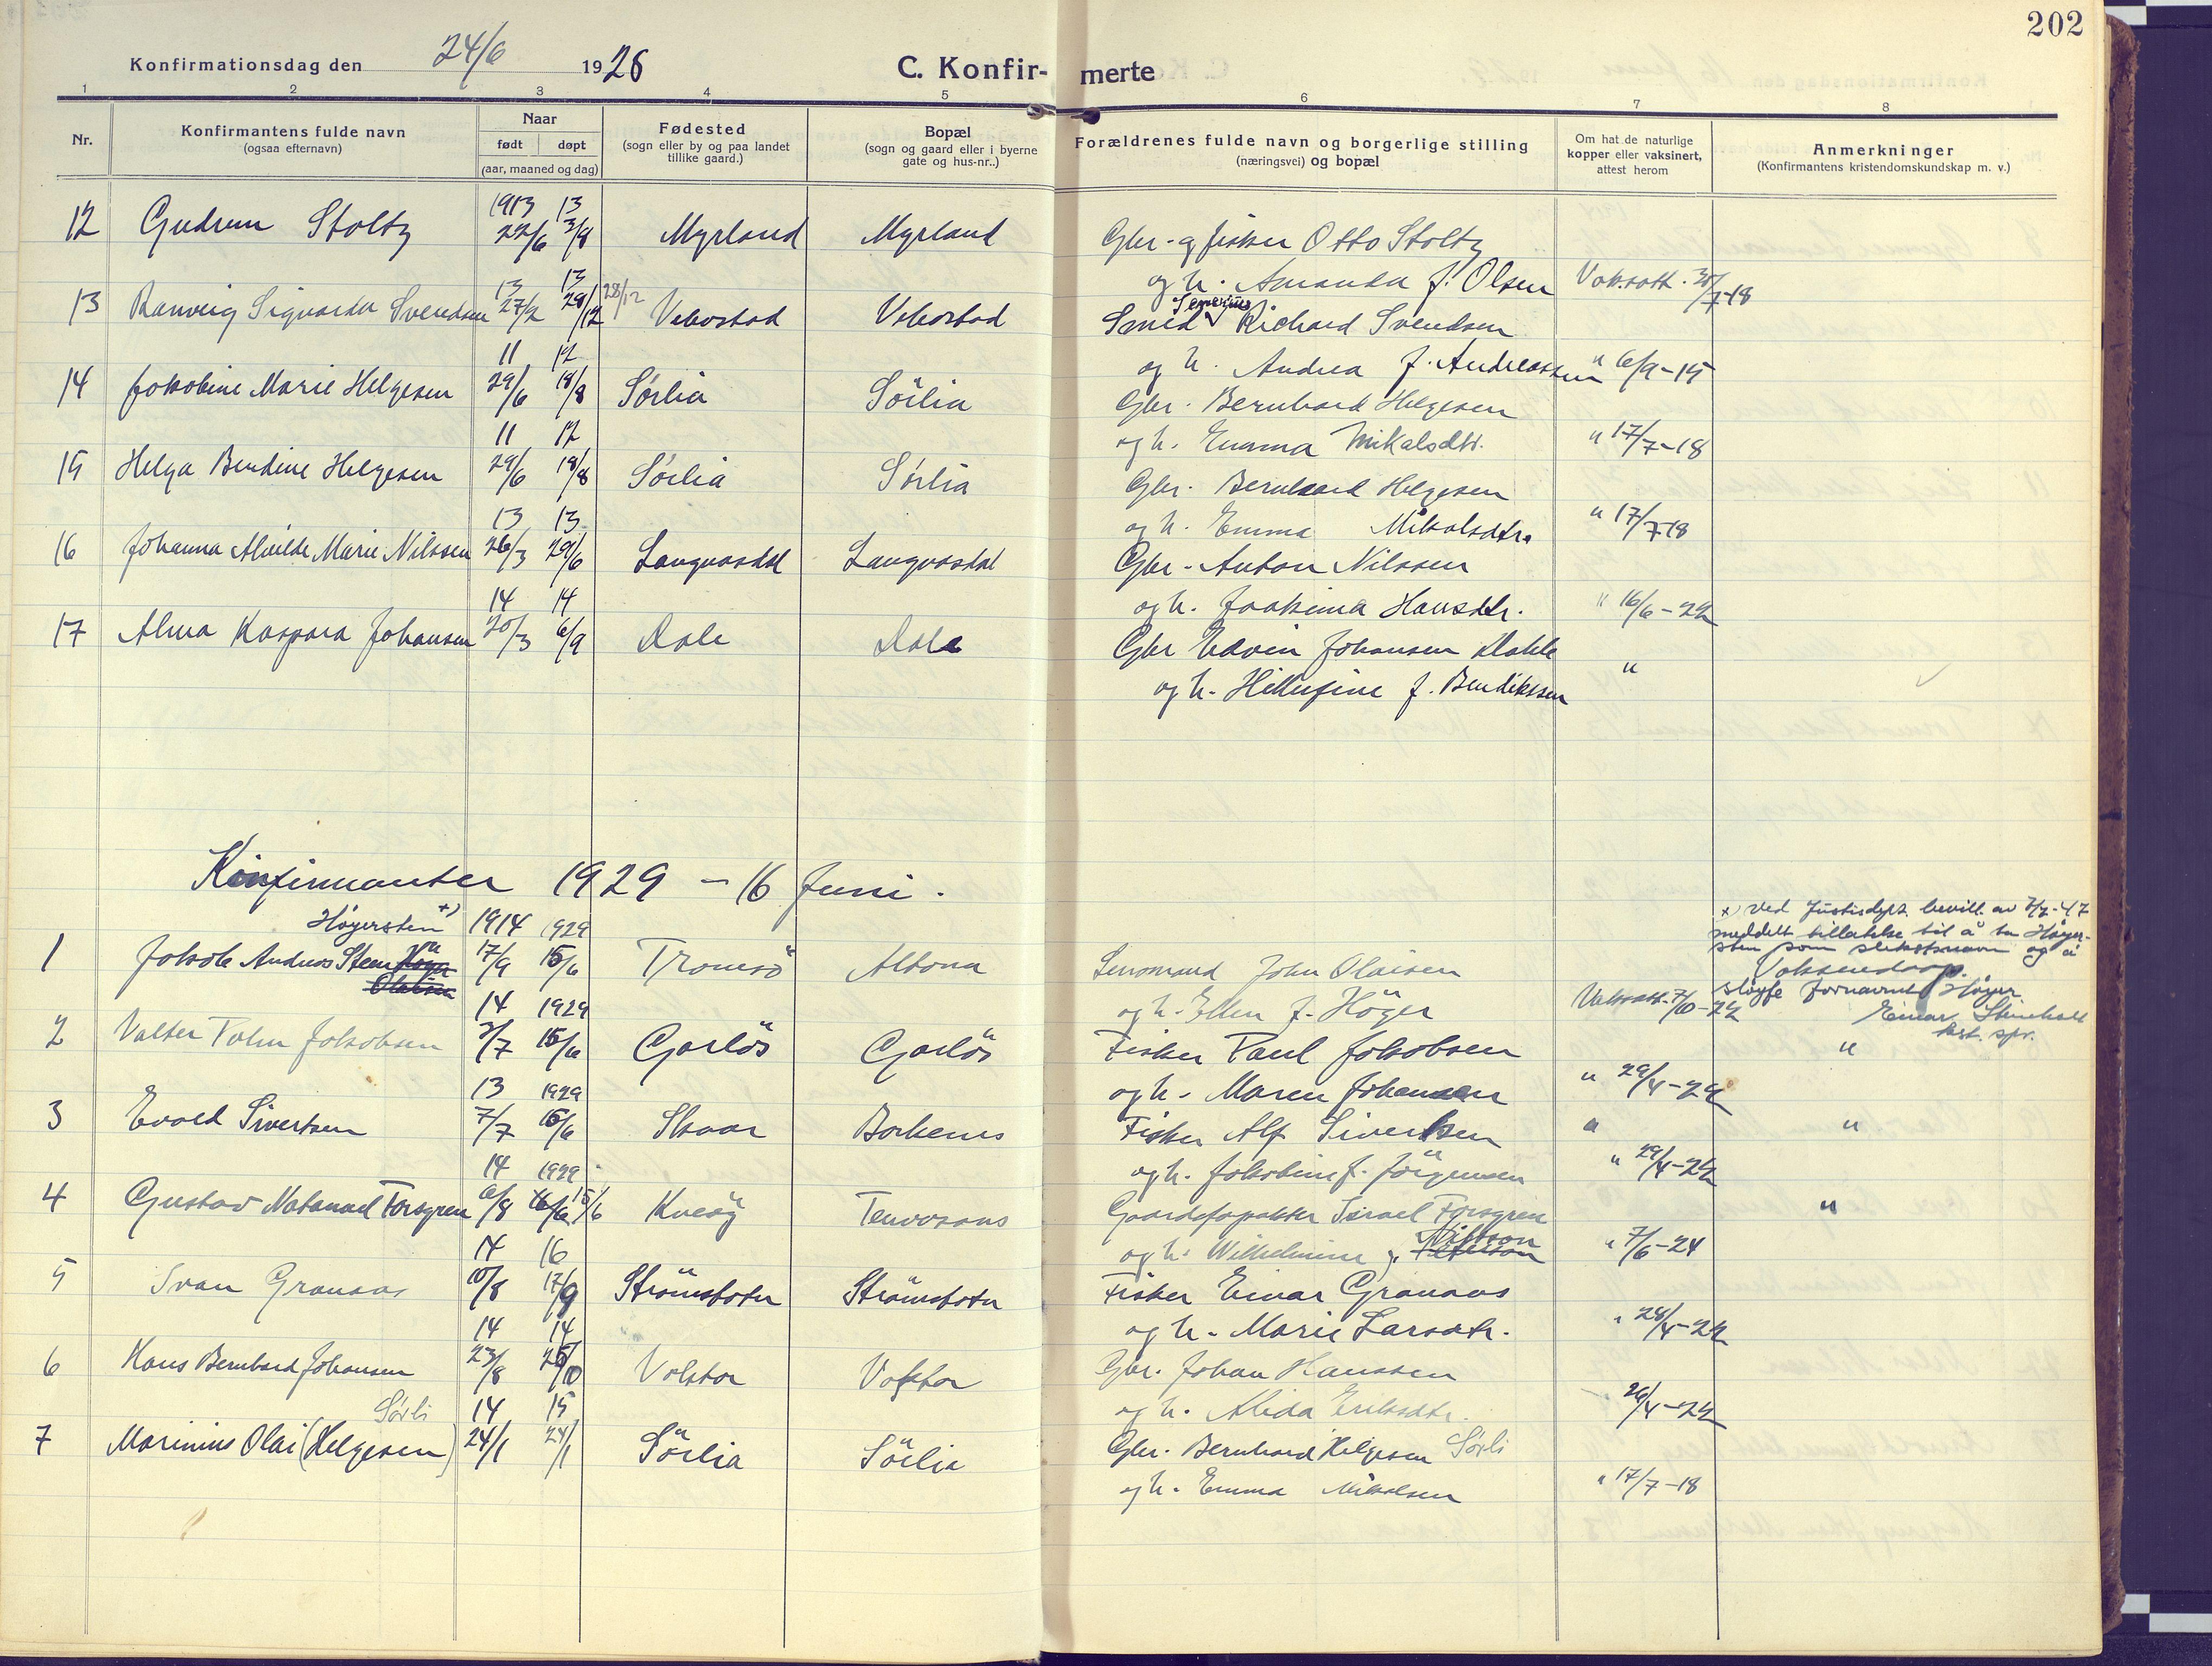 SATØ, Kvæfjord sokneprestkontor, G/Ga/Gaa/L0007kirke: Ministerialbok nr. 7, 1915-1931, s. 202